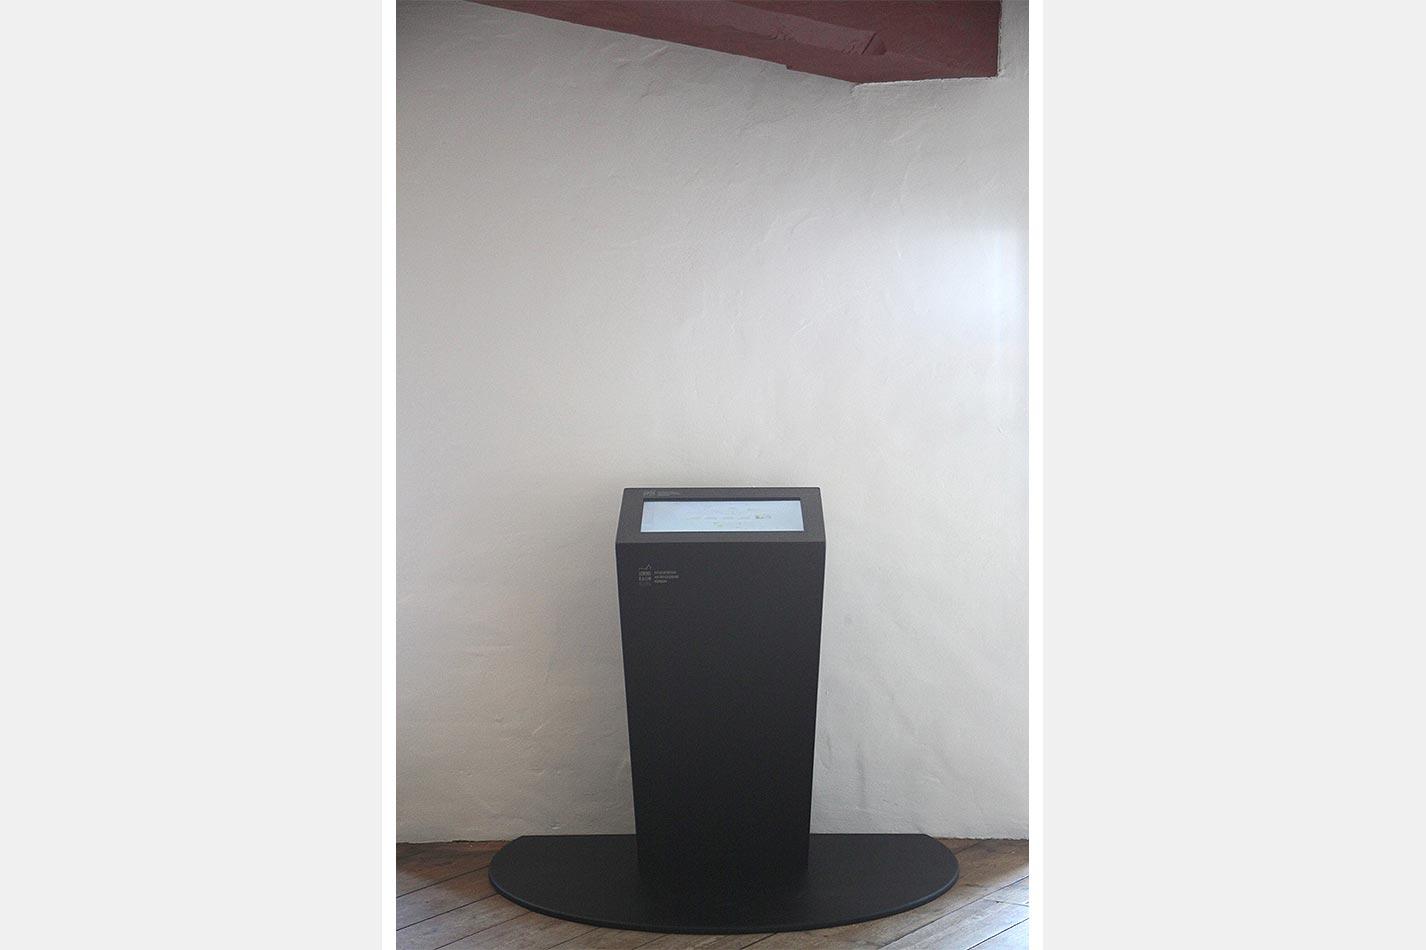 Touchscreen Stele vor einer weißen Wand aus lackiertem dunklen Holz